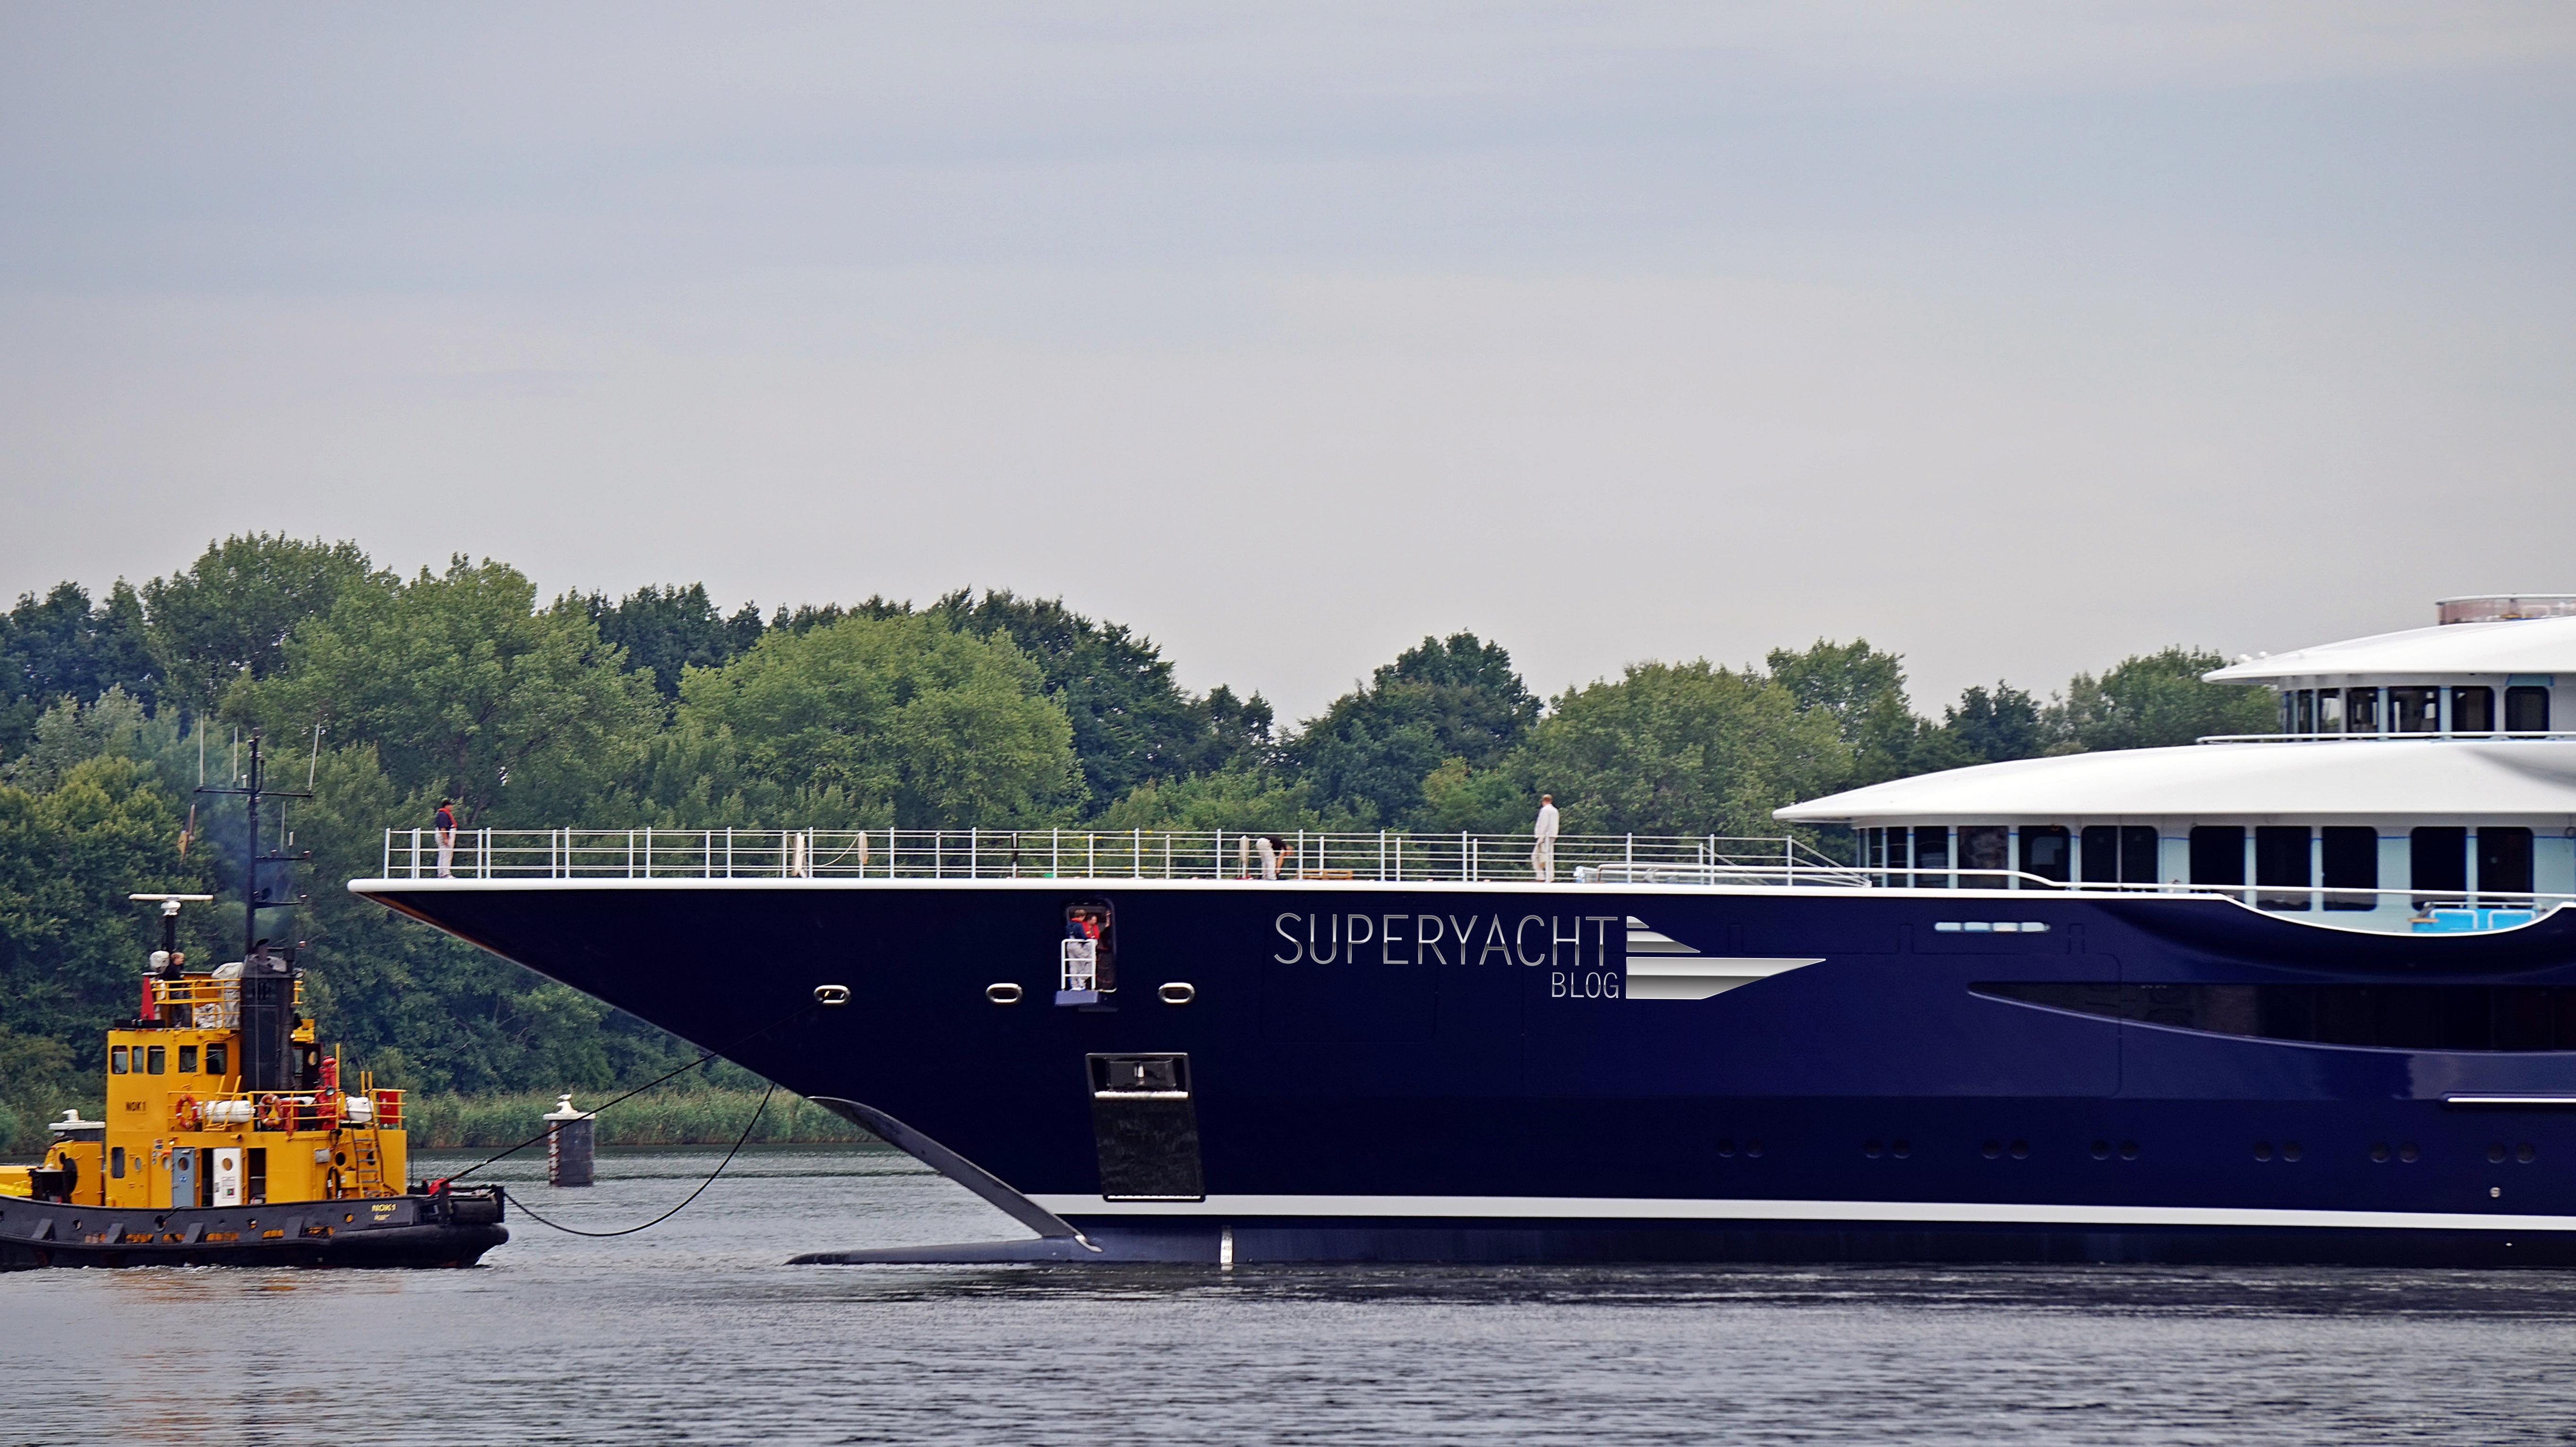 TIS (Palo Alto) launched, Lürssen Yacht, Superyachtblog